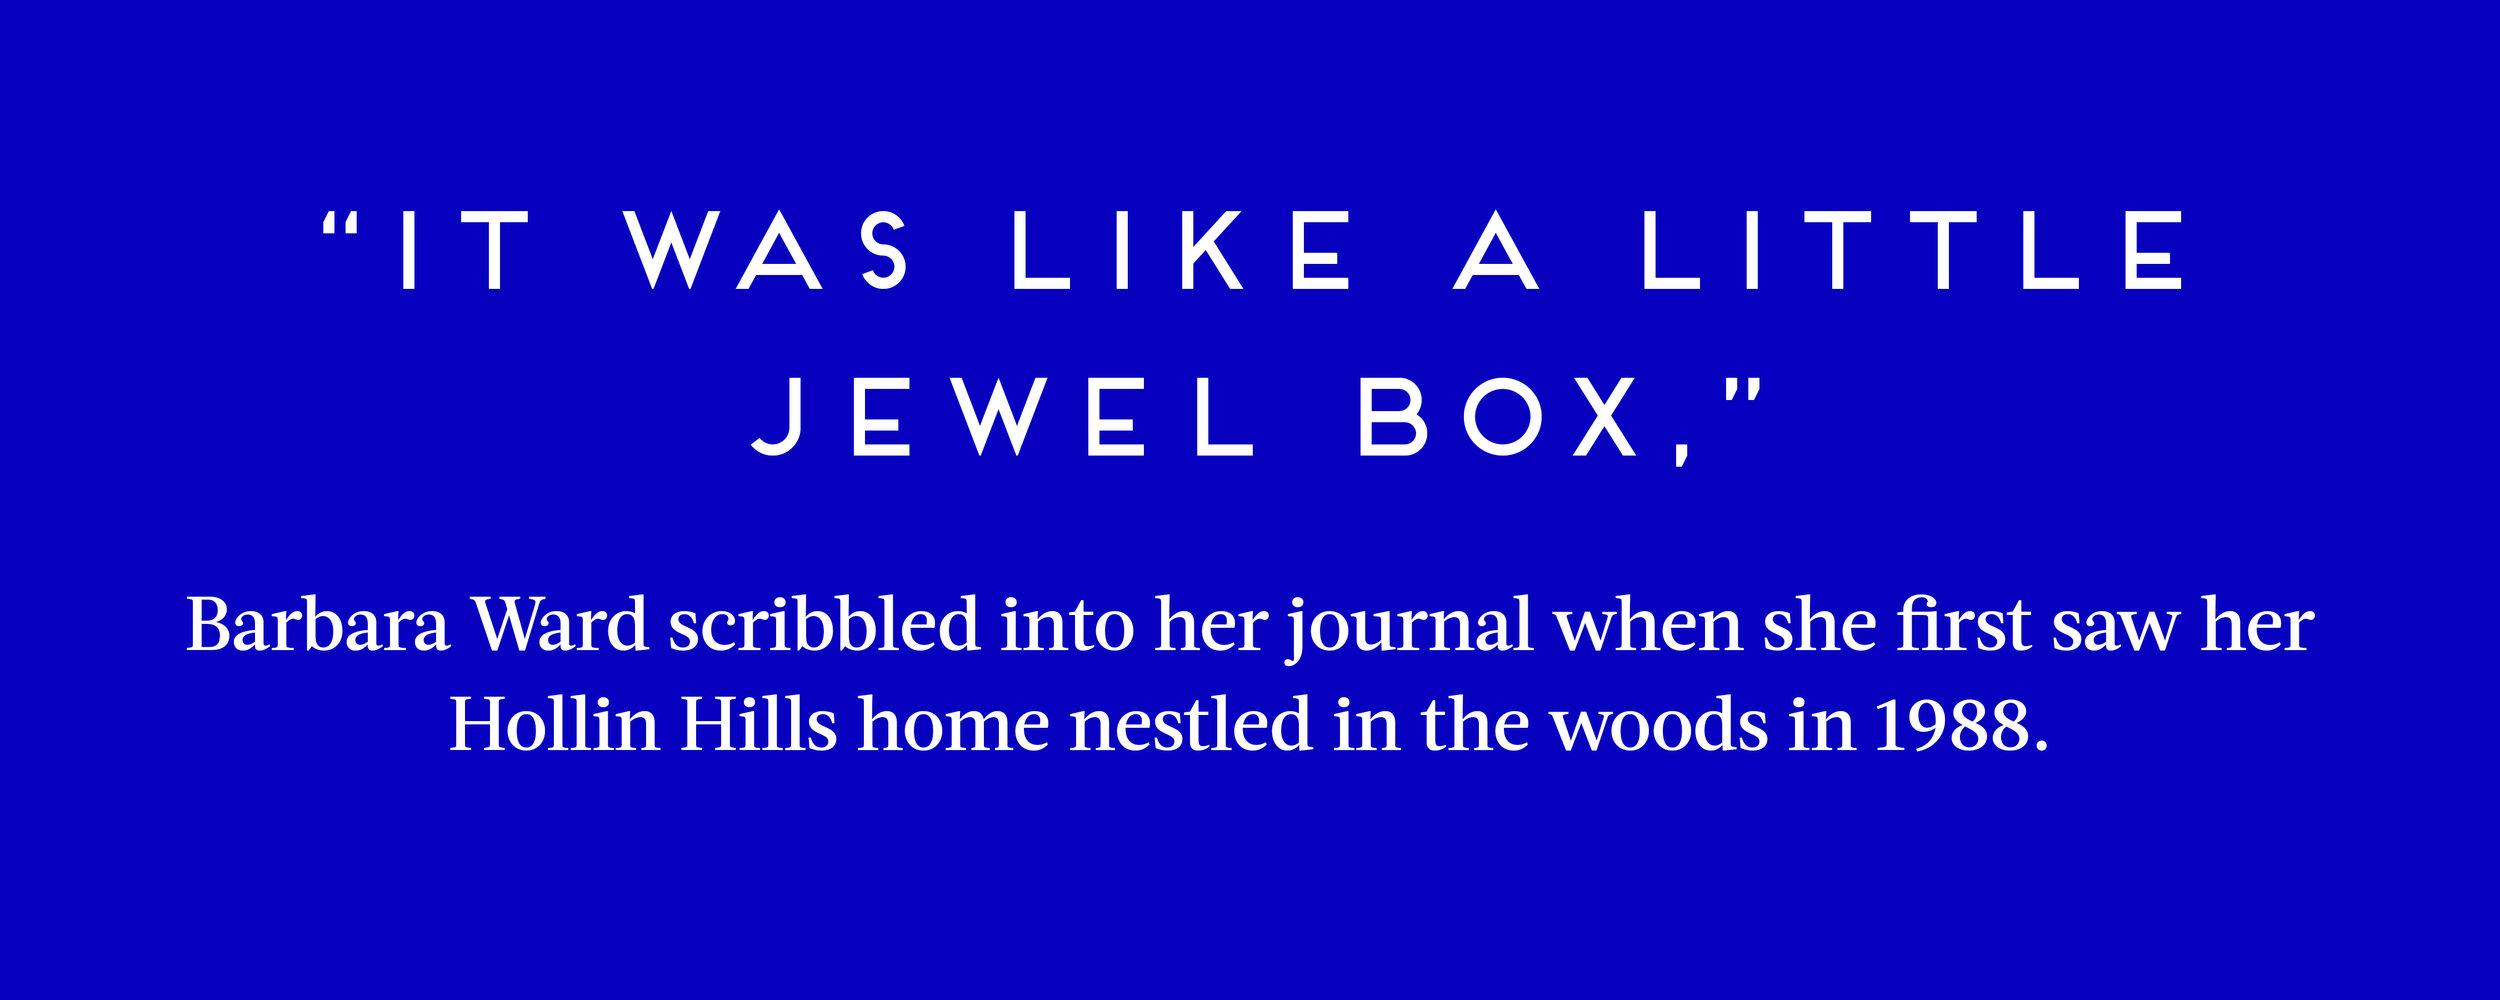 jewle box.jpg